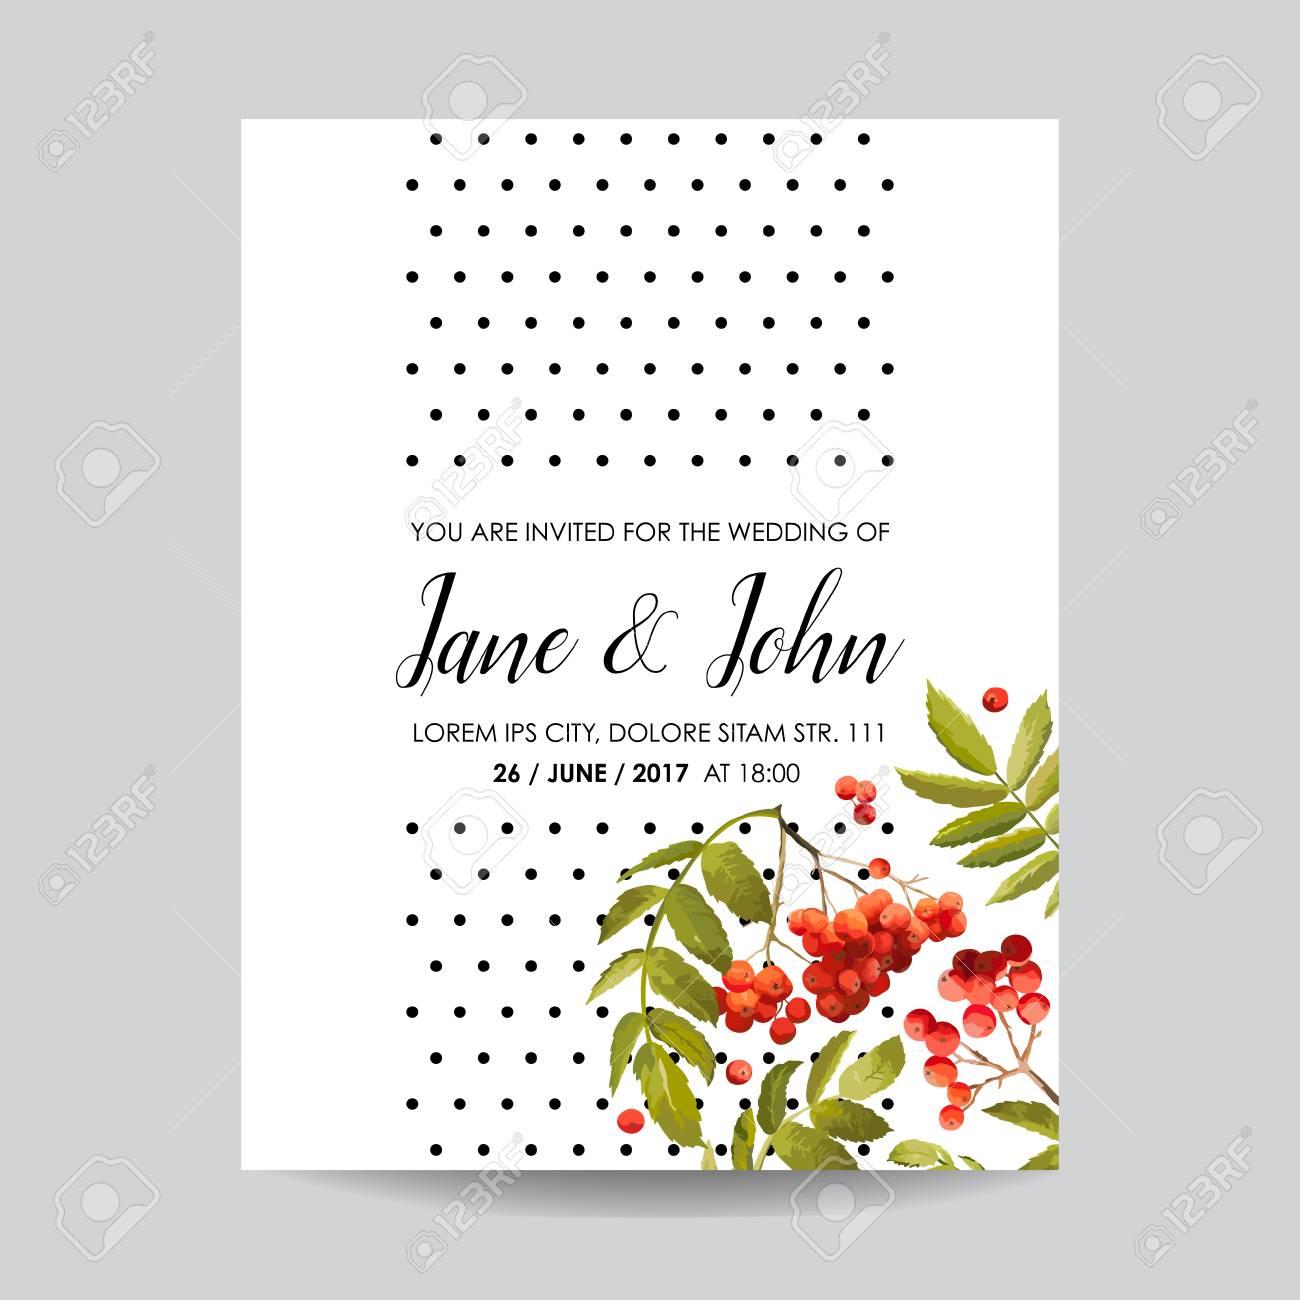 Ausgezeichnet Hochzeit Karten Schablone Bilder - FORTSETZUNG ...